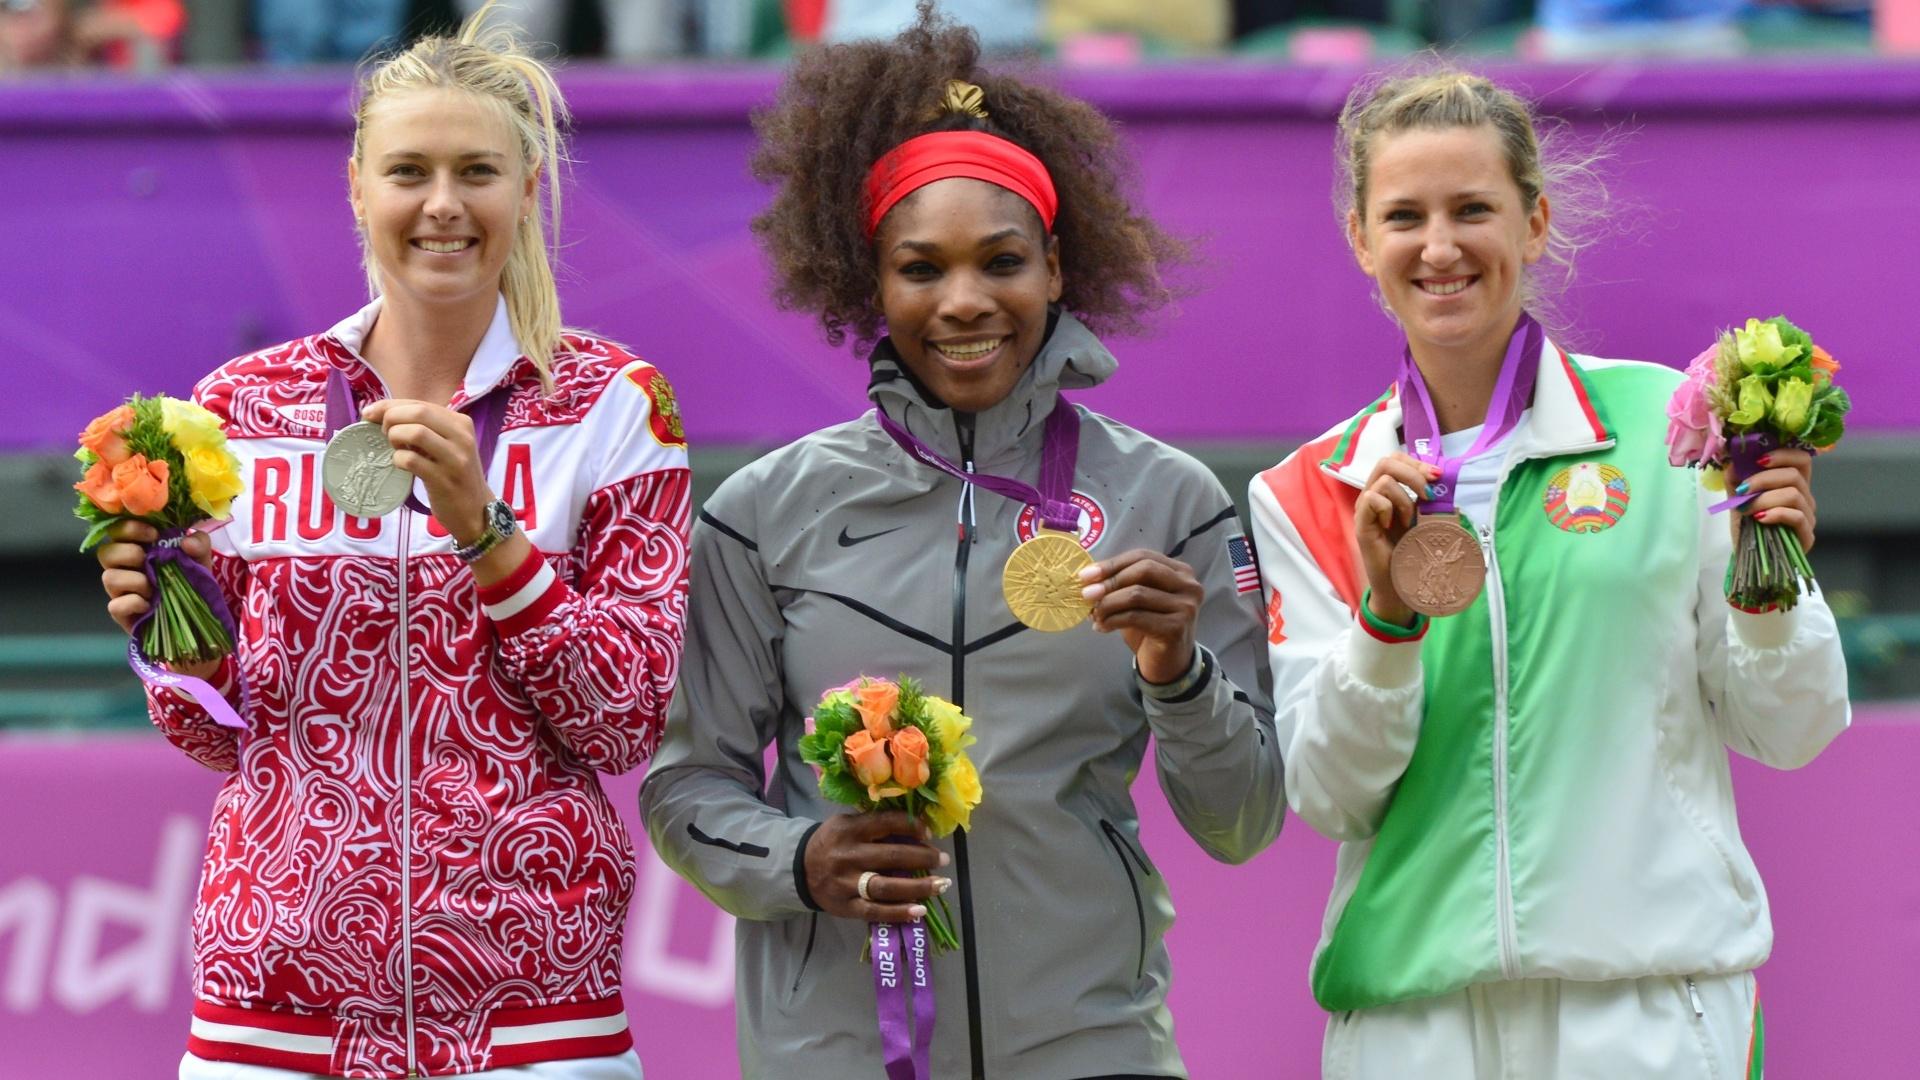 Maria Sharapova (e), Serena Williams (c) e Victoria Azarenka mostram as medalhas de prata, ouro e bronze conquistadas por elas no tênis olímpico (04/08/2012)